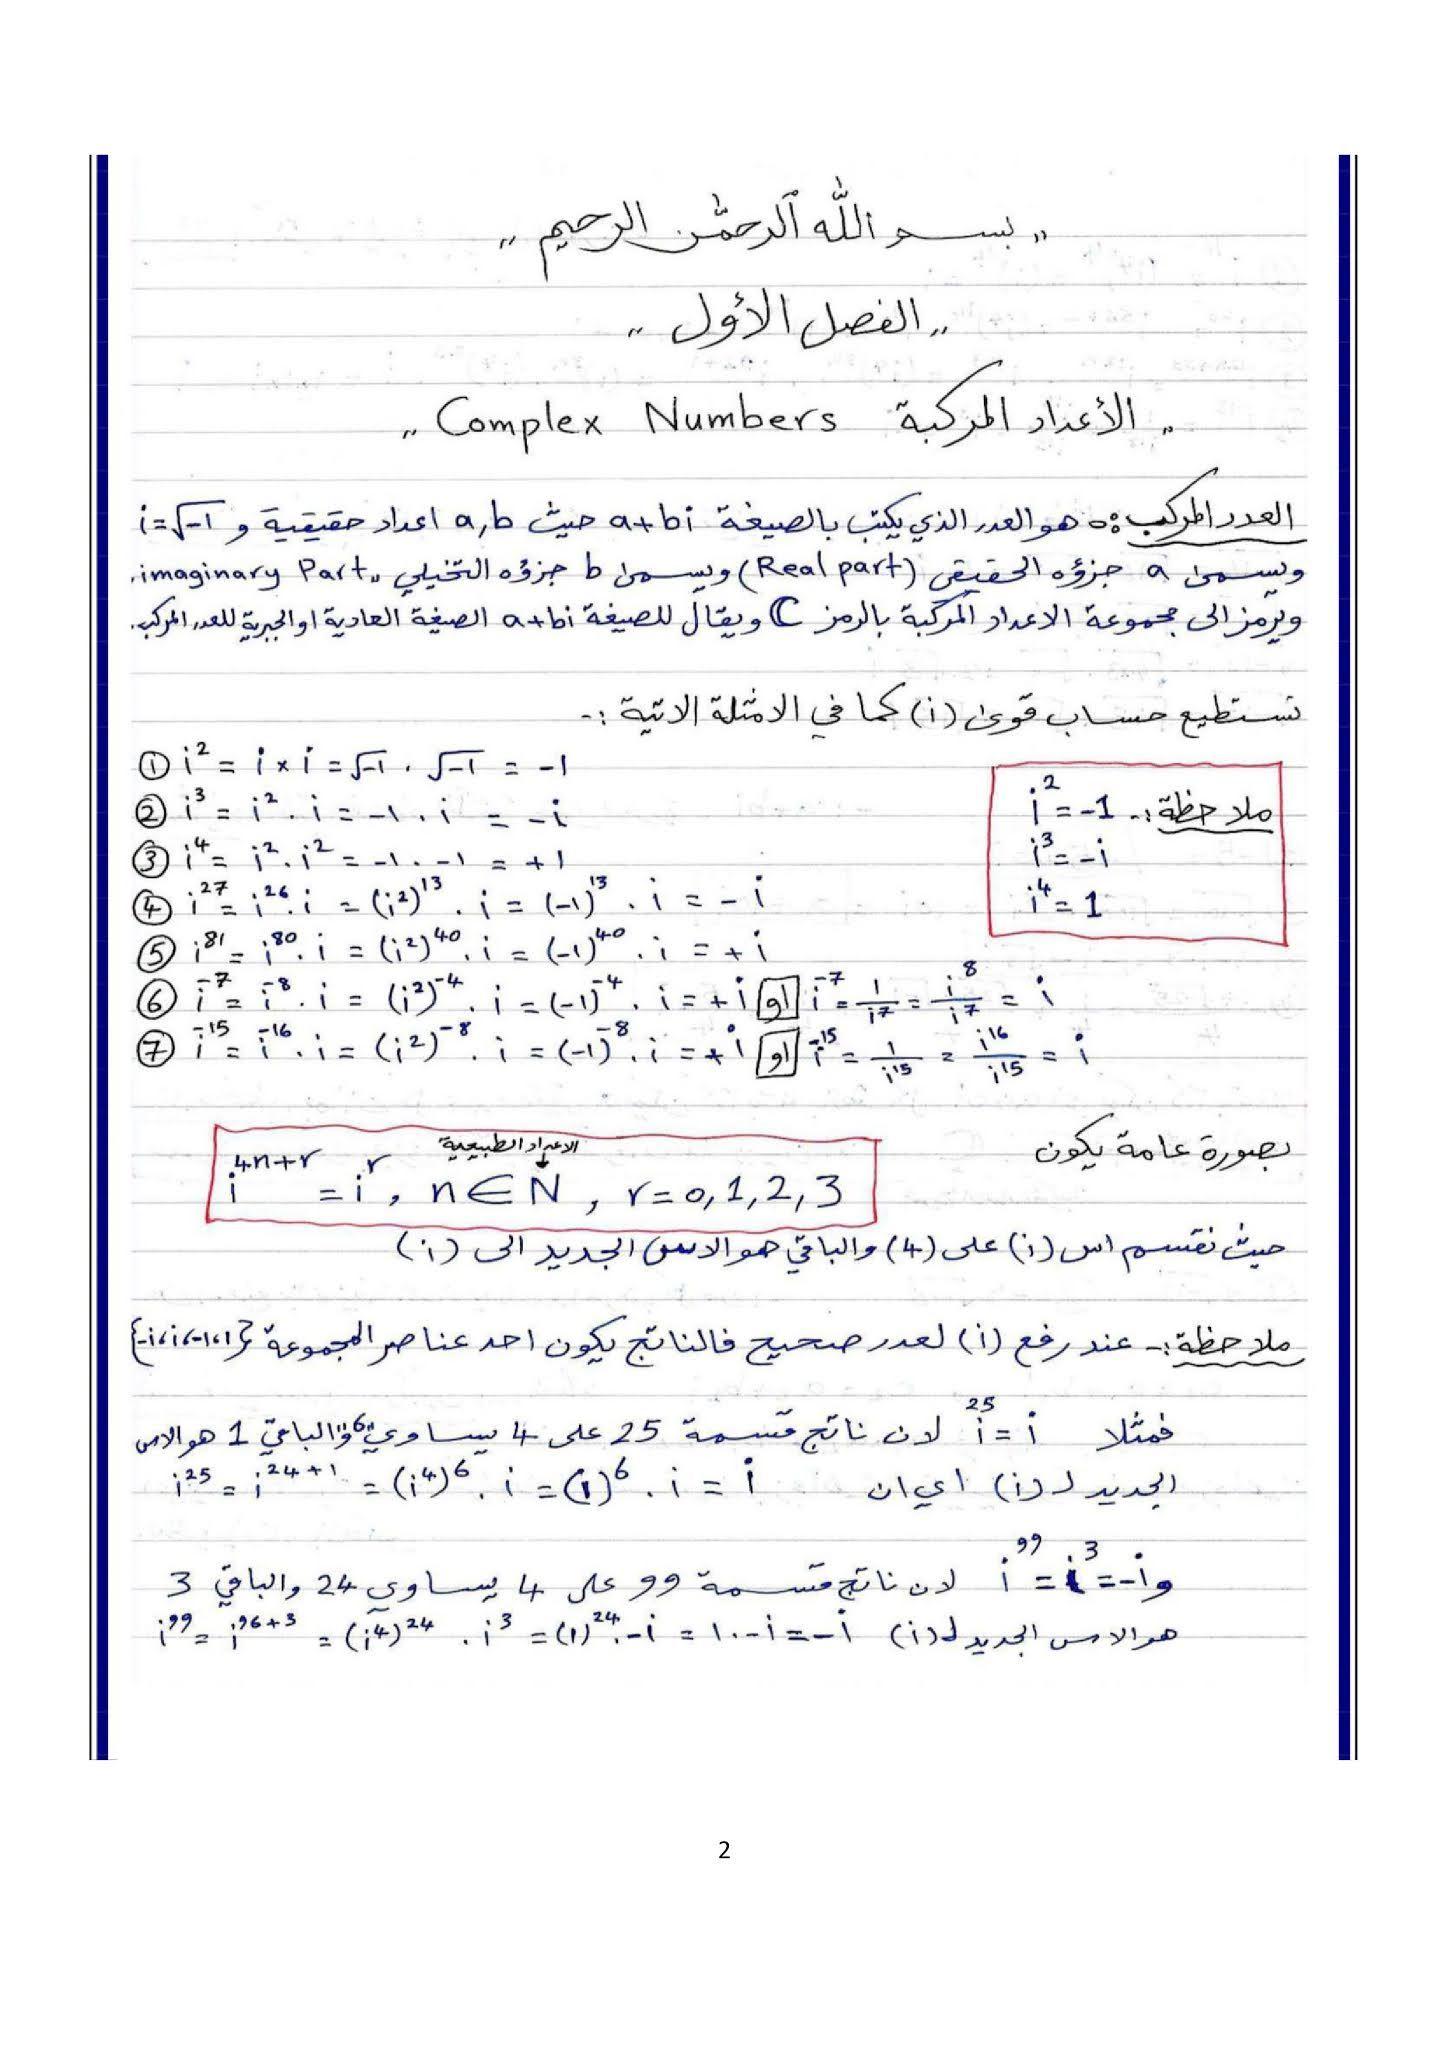 اوراق شرح الدرس الاول الاعداد المركبة رياضيات السادس العلمي تطبيقي واحيائي للعام الدراسي الجديد 2021 مع حل الاسئلة اهلا بكم مت Math Math Equations Sheet Music